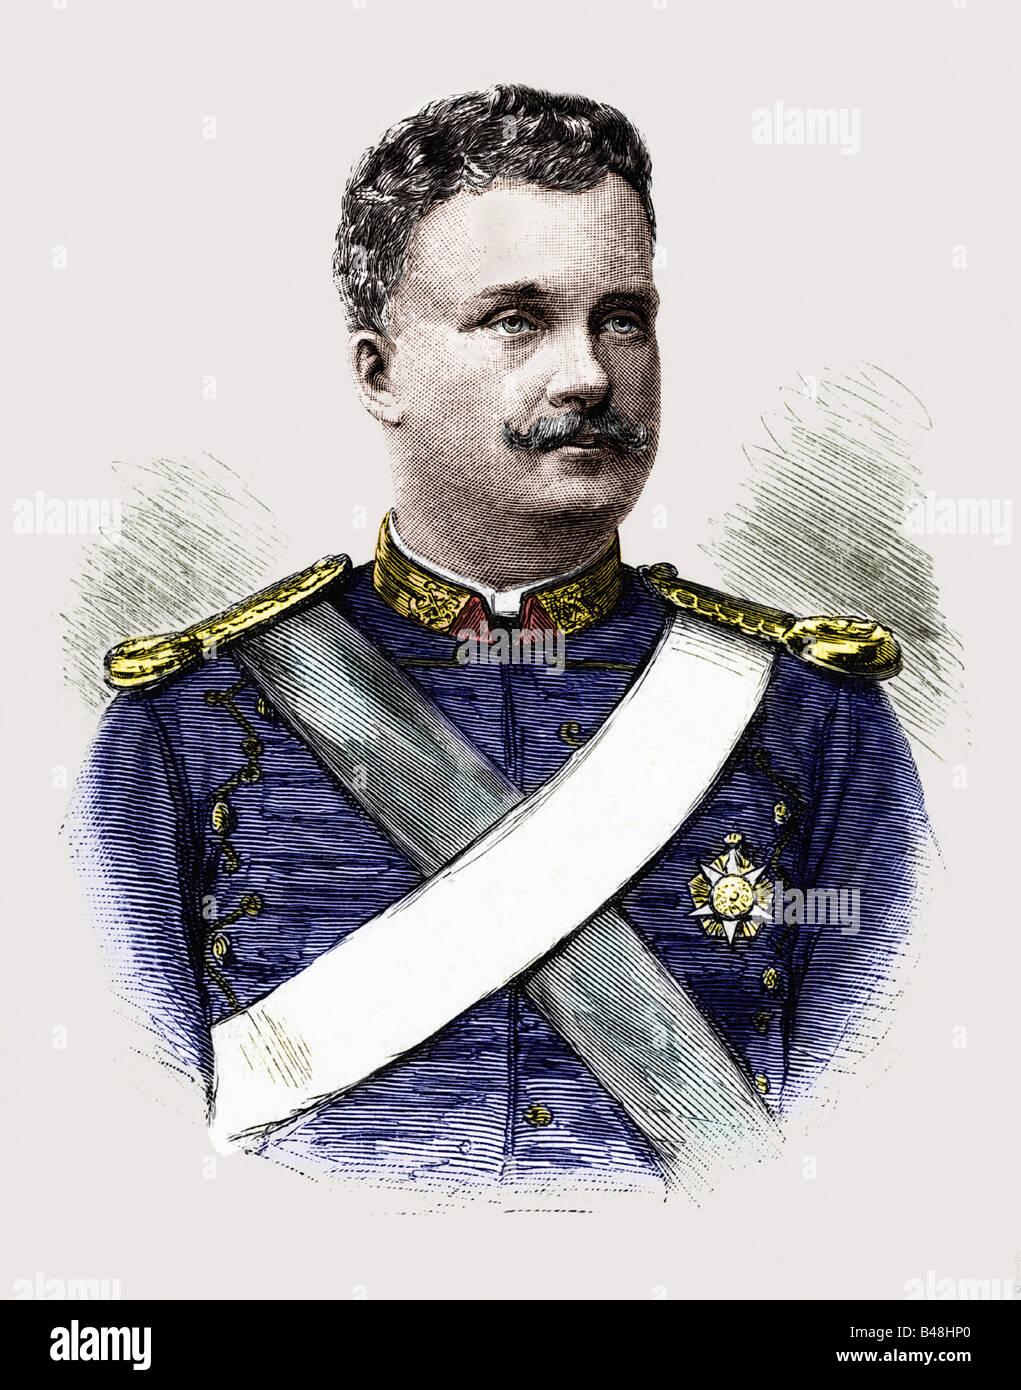 Carlos I., 28.9.1863 - 1.2.1908, roi du Portugal 19.10.1889 - 1.2.1908, portrait, gravure vers. 1895, , Banque D'Images